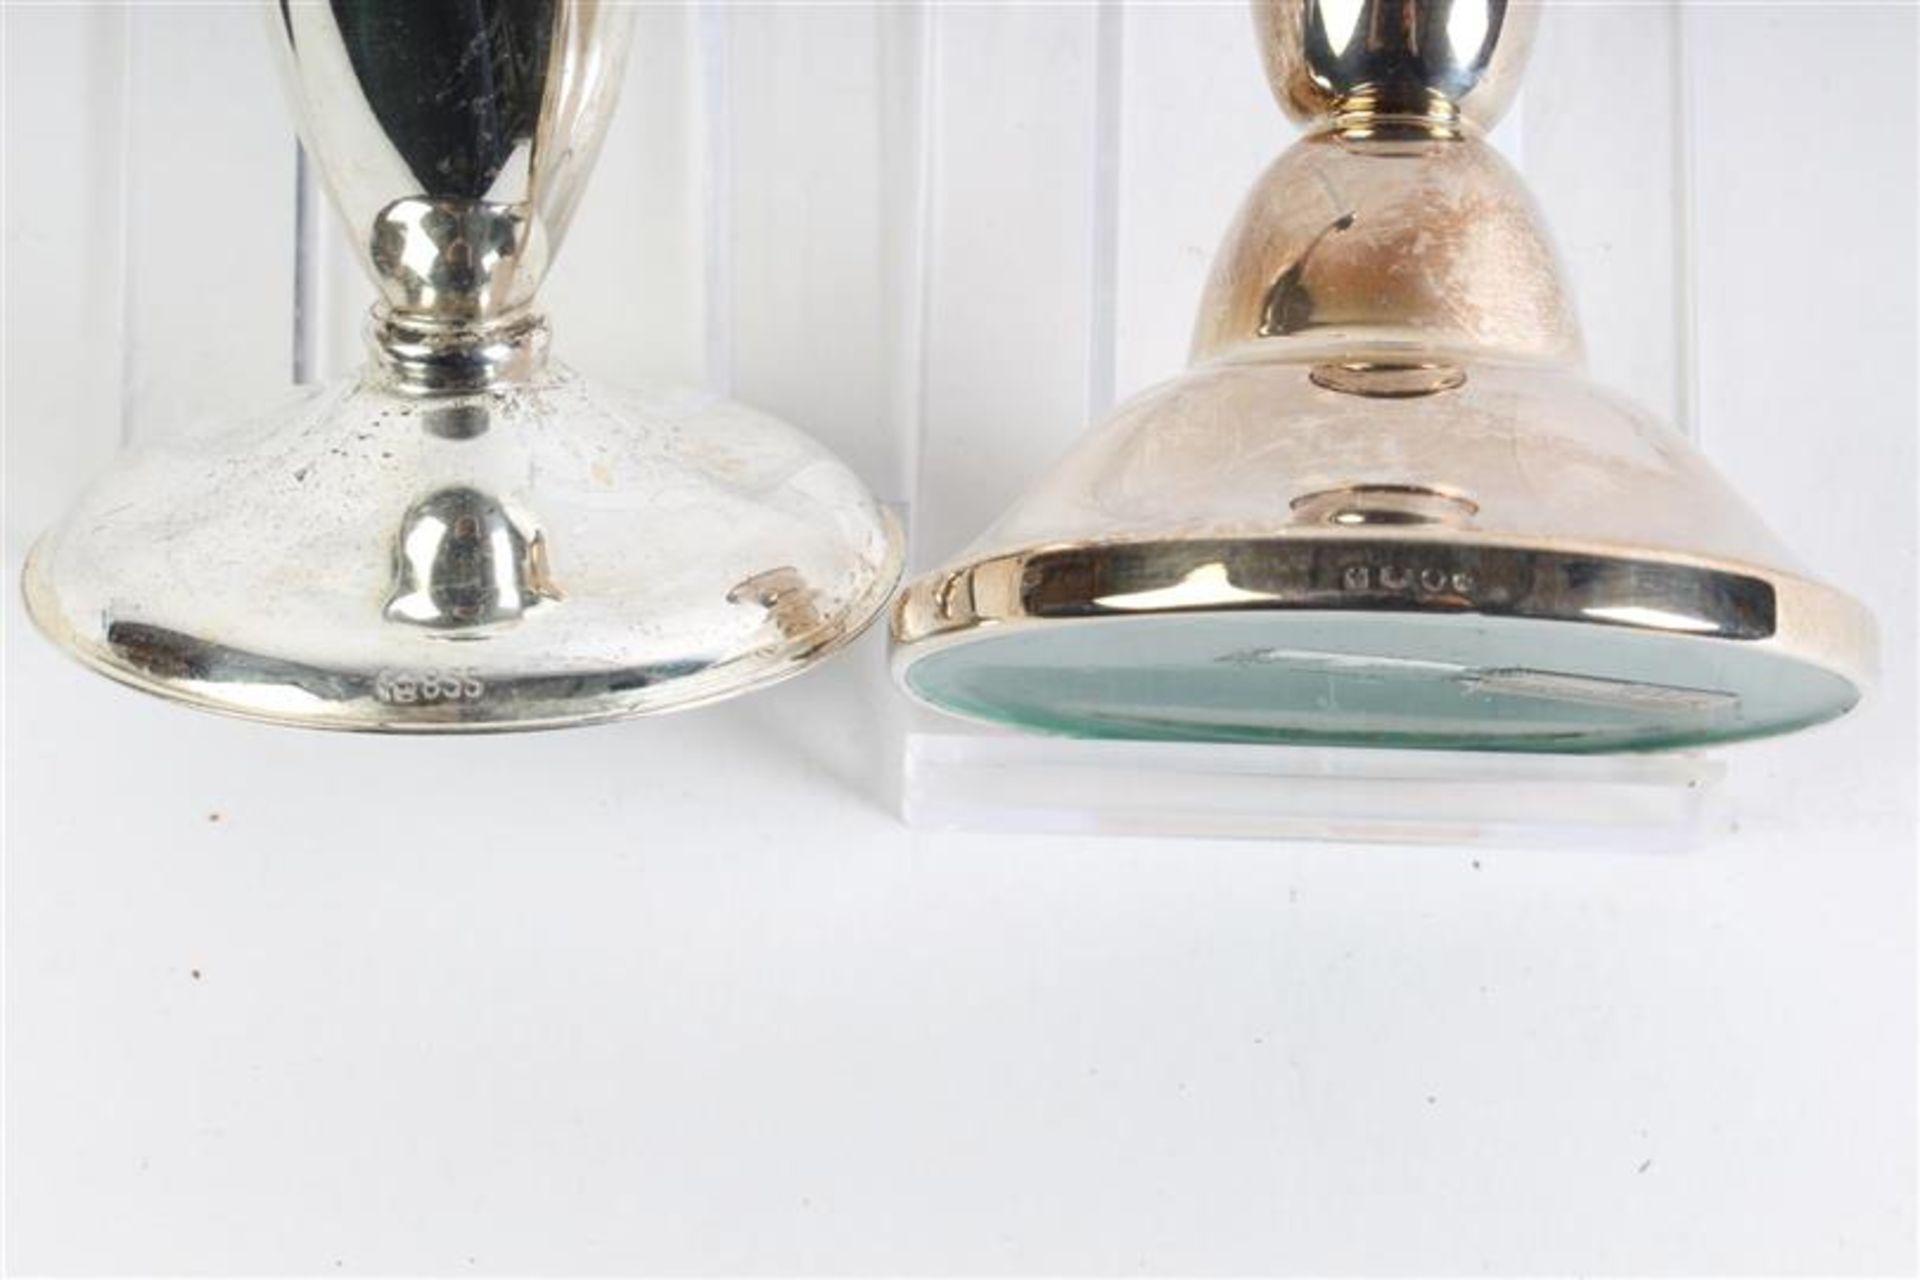 Zilveren kandelaartje, Hollands gekeurd. Toegevoegd vaasje en schaaltje, 835 gemerkt. - Bild 5 aus 5